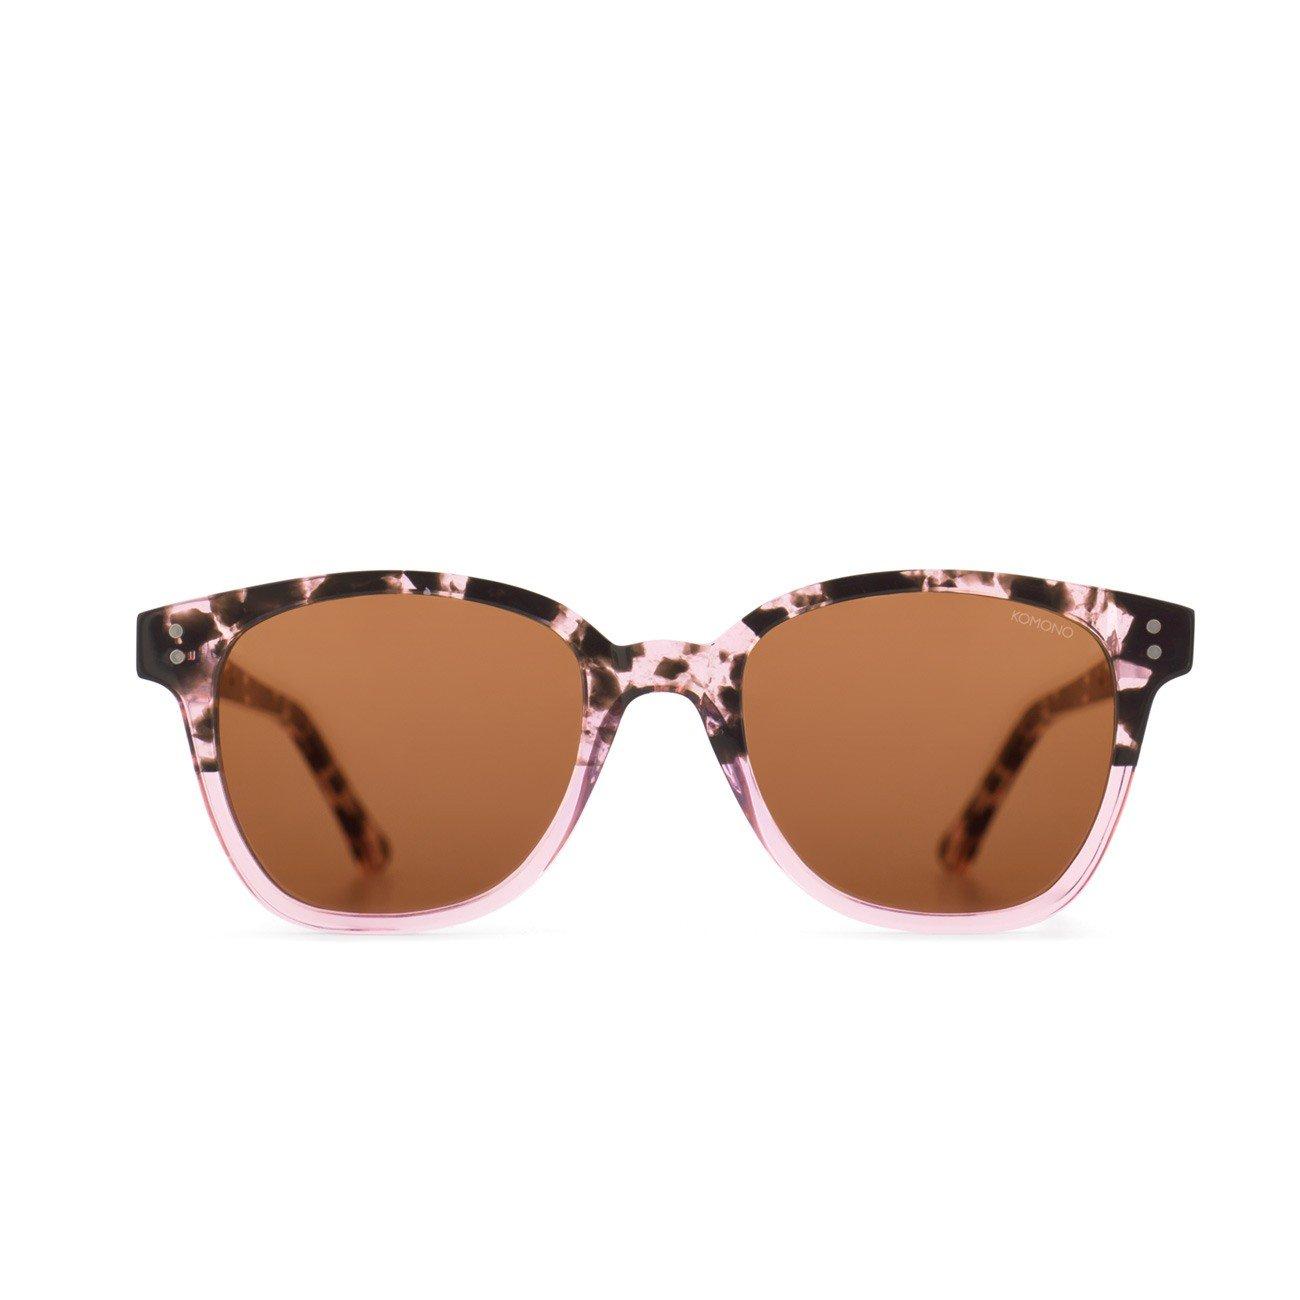 KOMONO Gafas de Sol para Hombre Clement - Rose Dust, Unisex ...